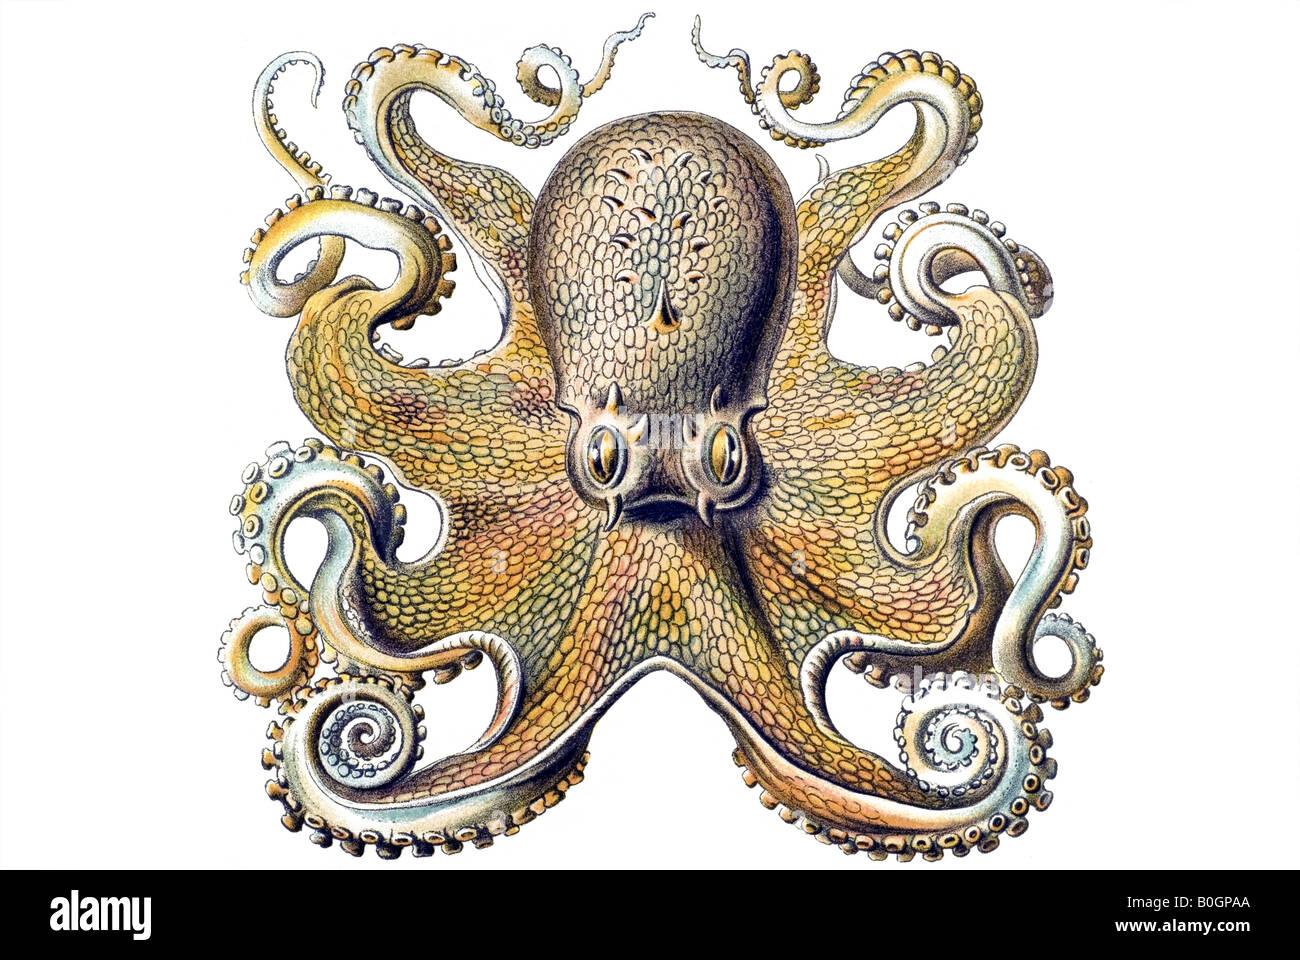 Squid Anatomy Stock Photos & Squid Anatomy Stock Images - Alamy